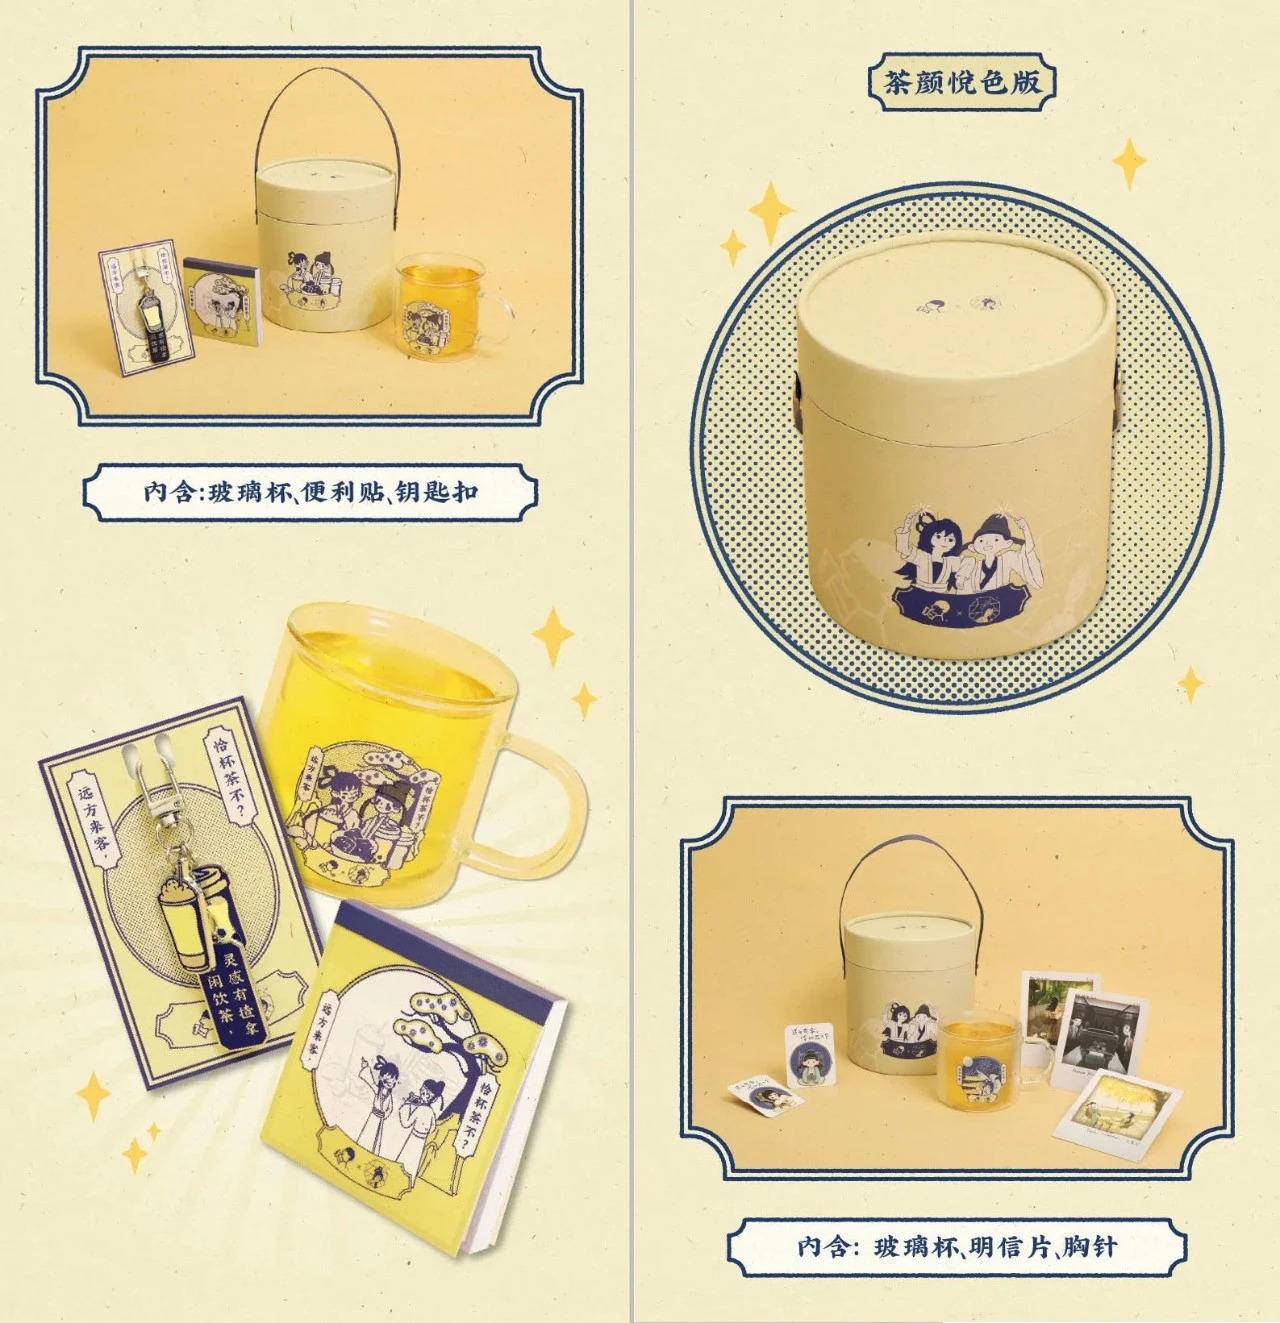 喜茶X茶颜悦色丨竞品合作刷新联名营销认知